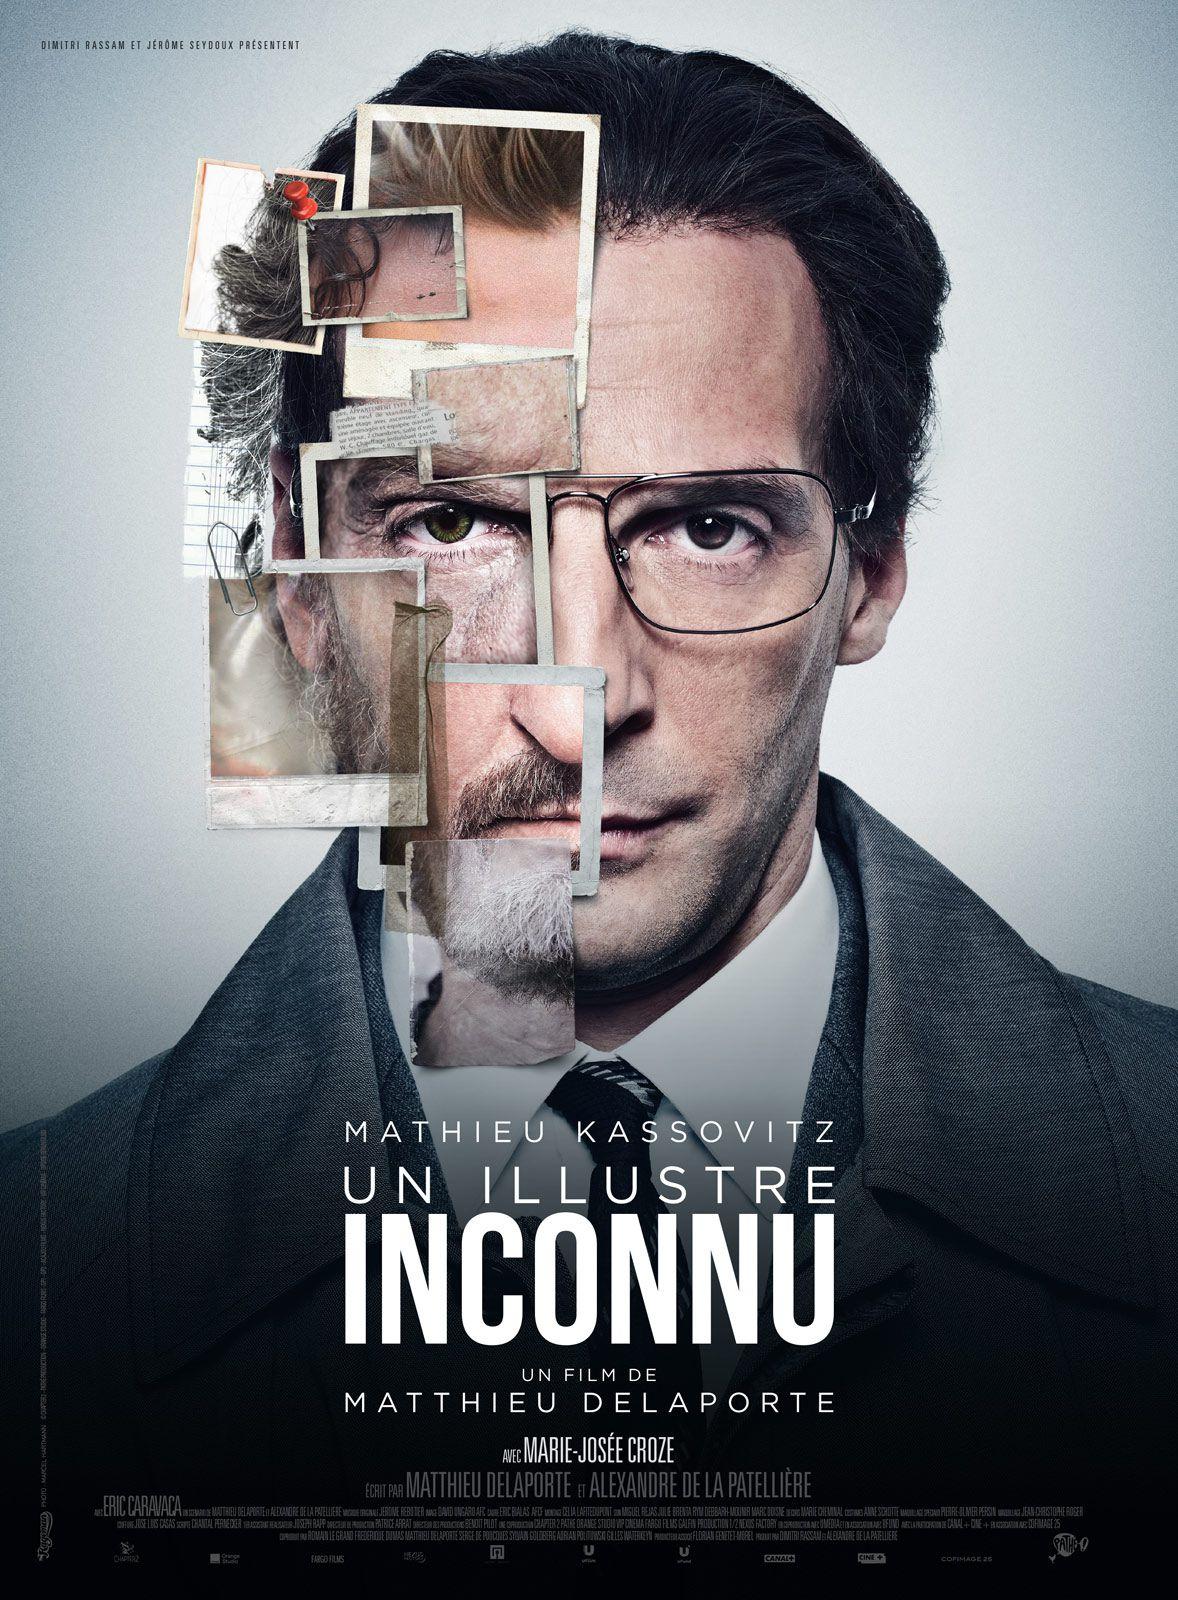 Un illustre inconnu - Film (2014)